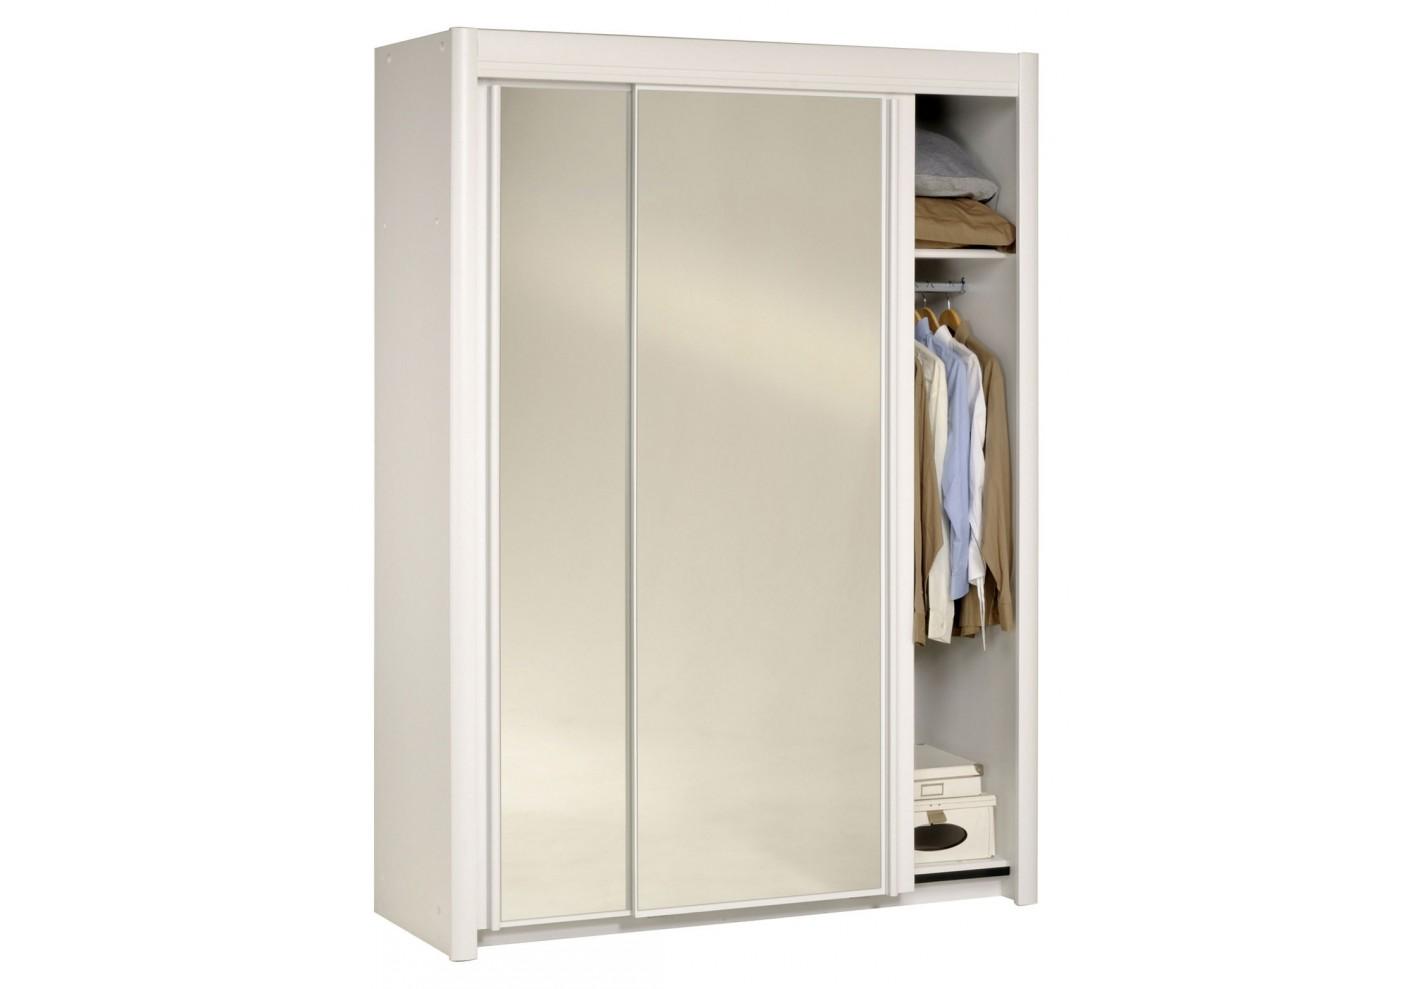 #614C31 Armoire 2 Portes Coulissantes CARLA Blanc 1015 armoire portes coulissantes d'occasion 1410x989 px @ aertt.com